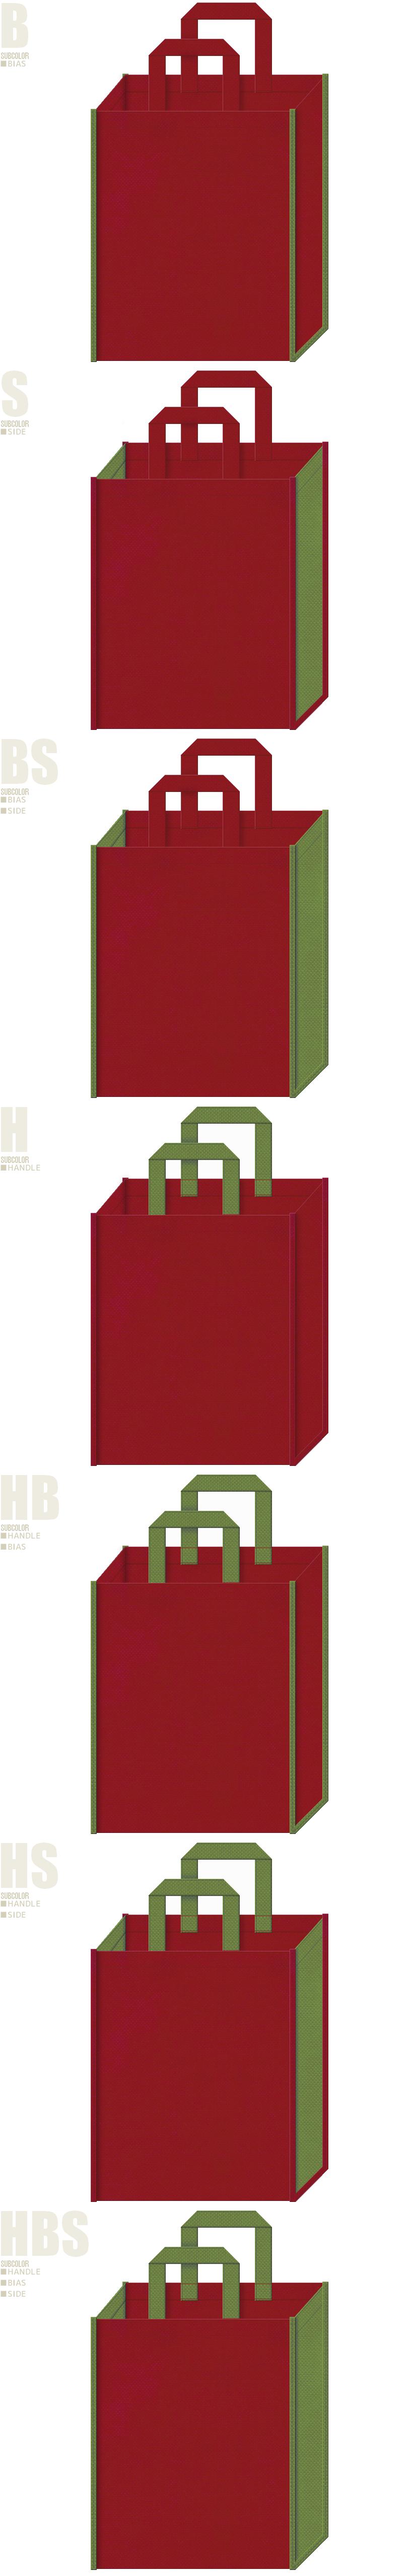 着物・抹茶ぜんざい・和風催事にお奨めの不織布バッグデザイン:エンジ色と草色の配色7パターン